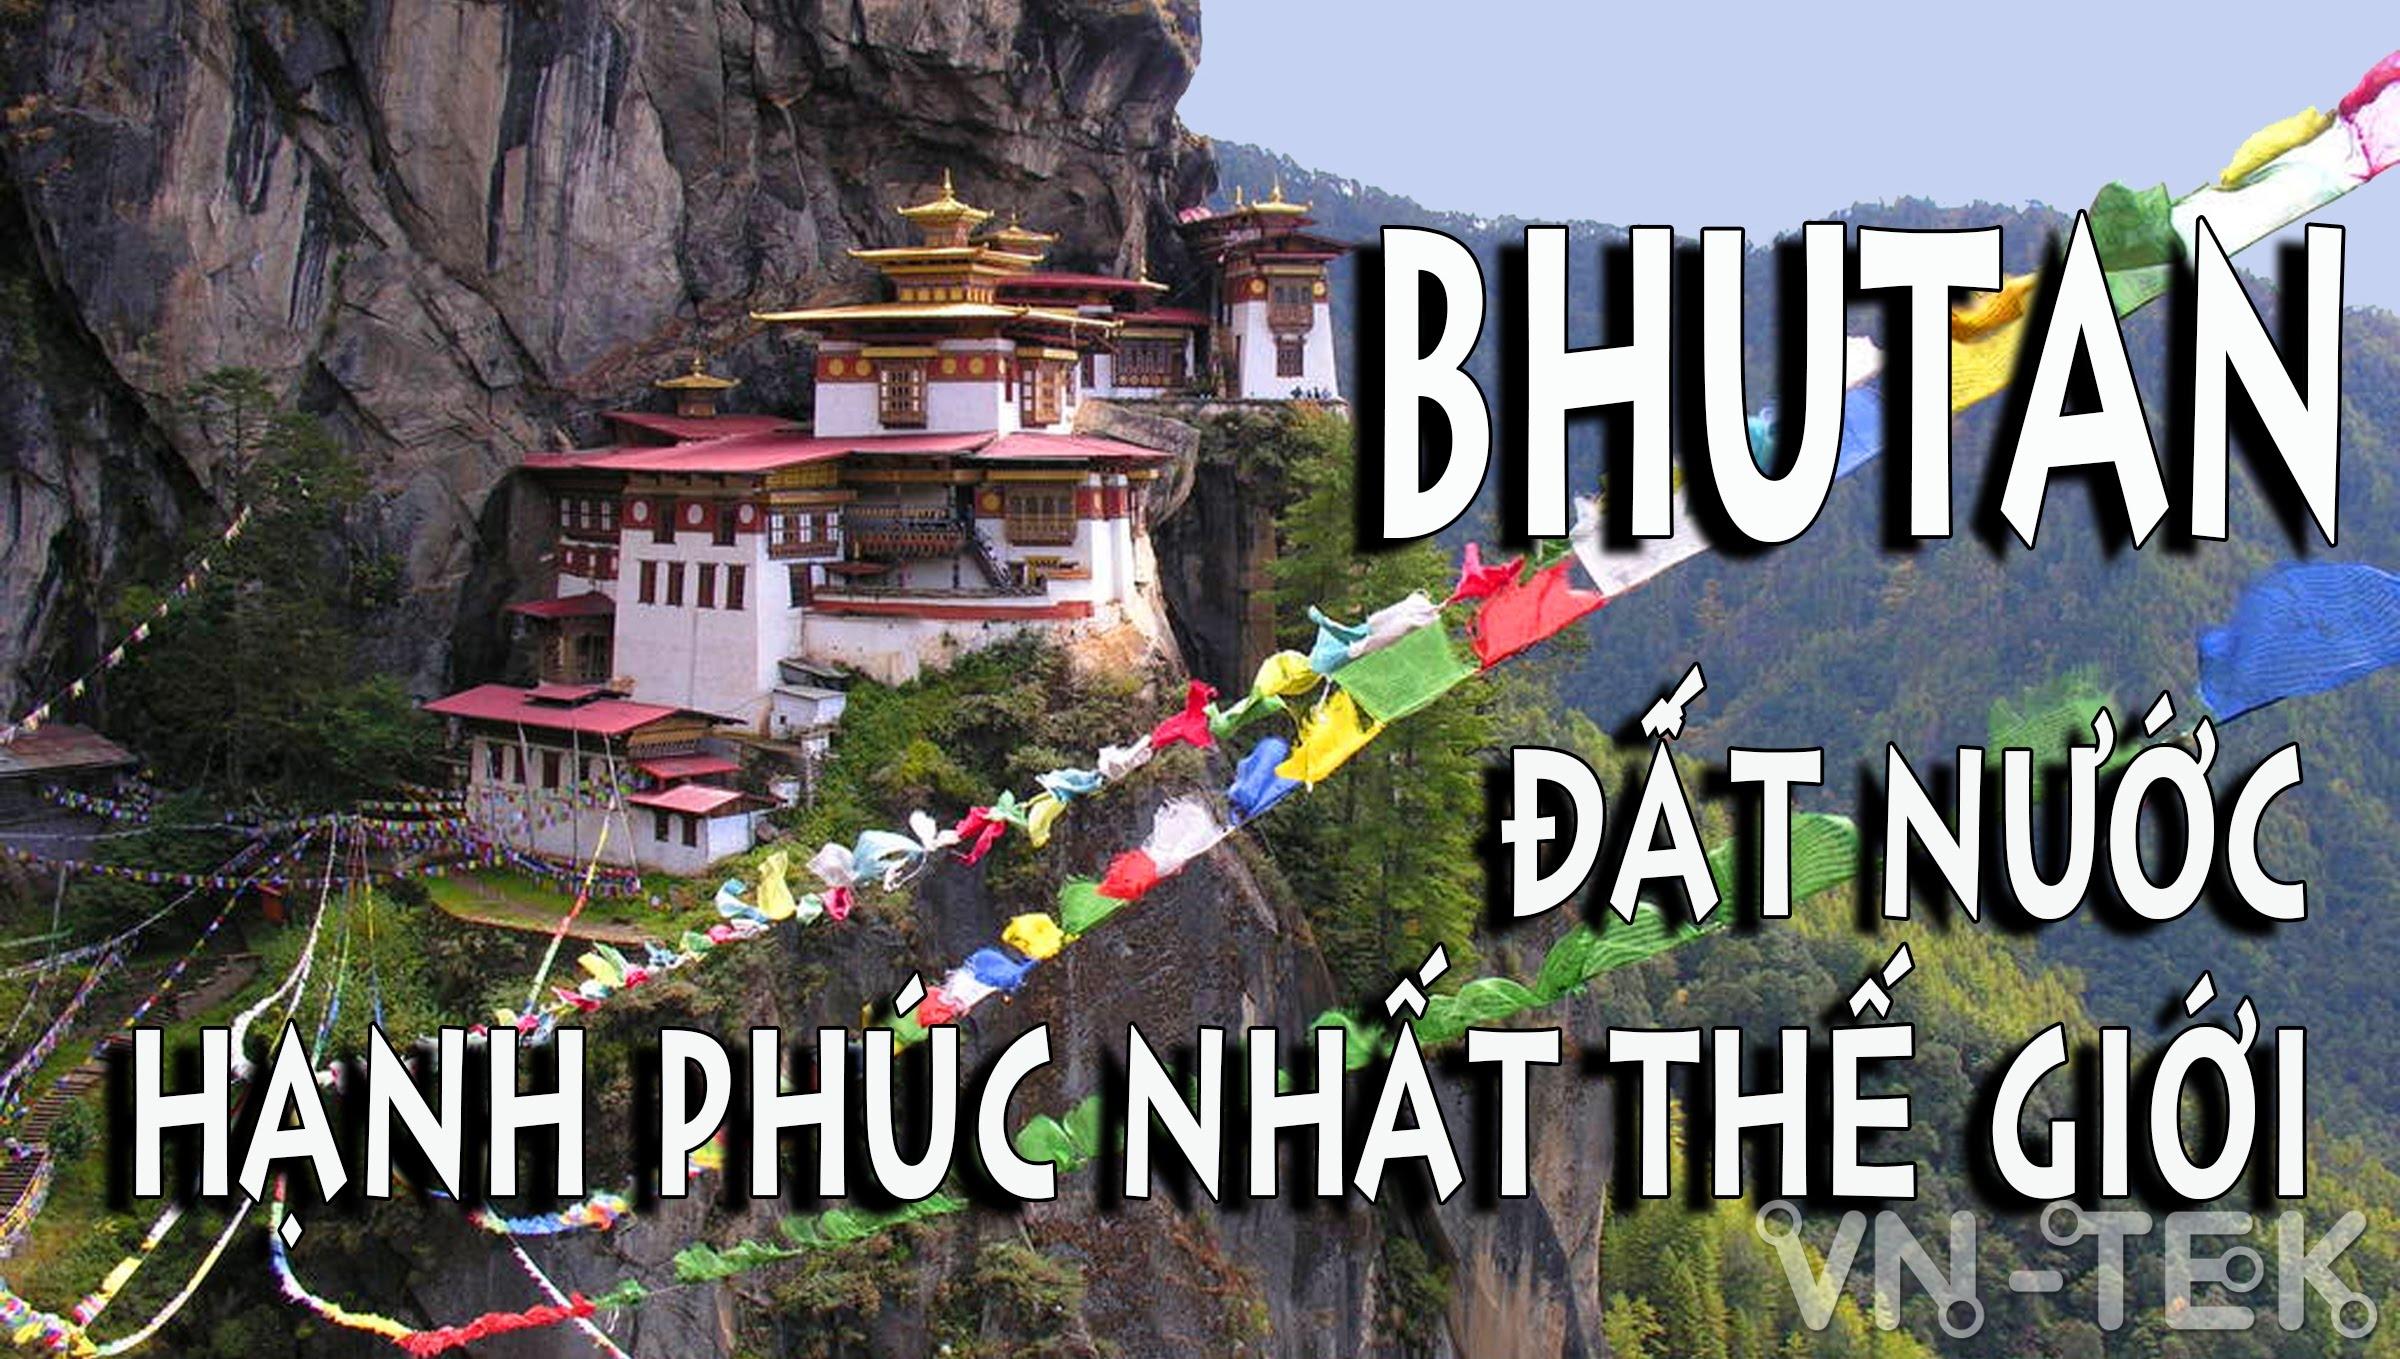 ngay quoc te hanh phuc - 20/3 được chọn là ngày quốc tế hạnh phúc